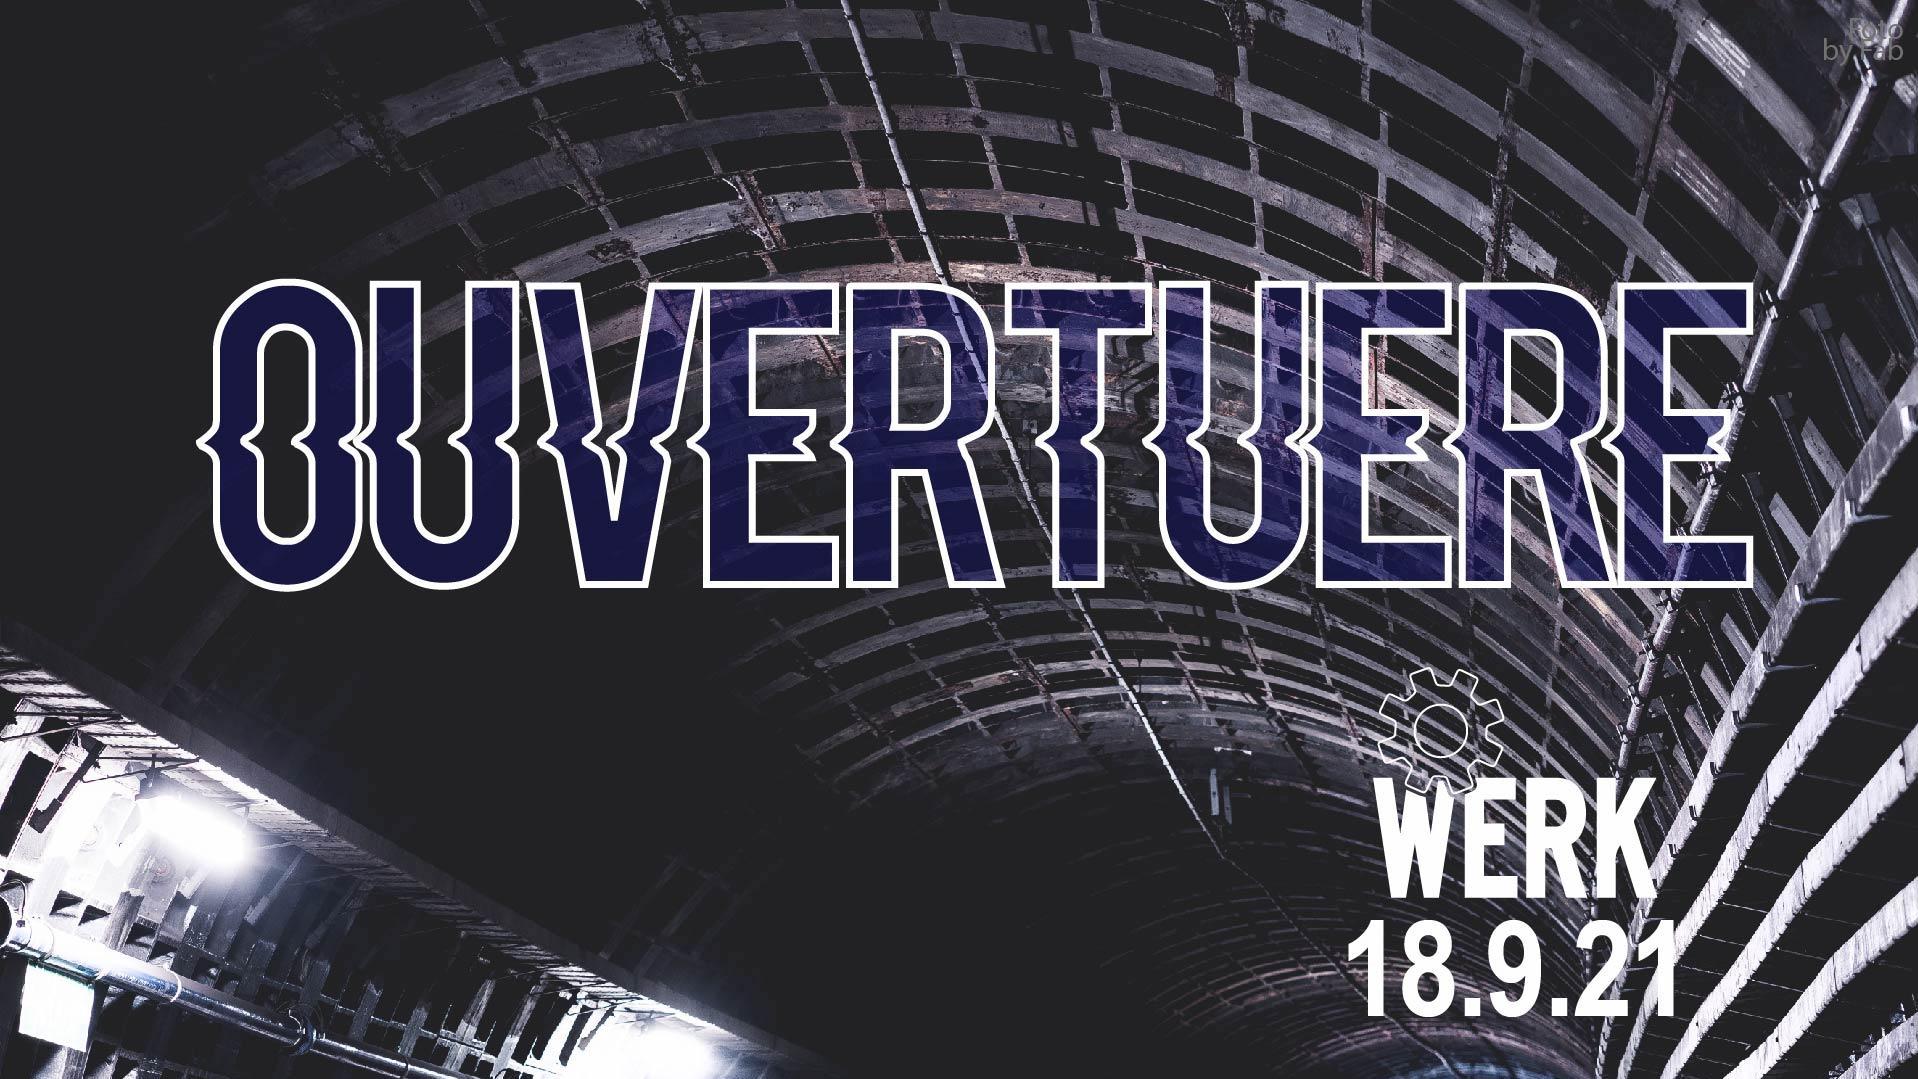 Events Wien: OUVERTUERE X FUNKROOM